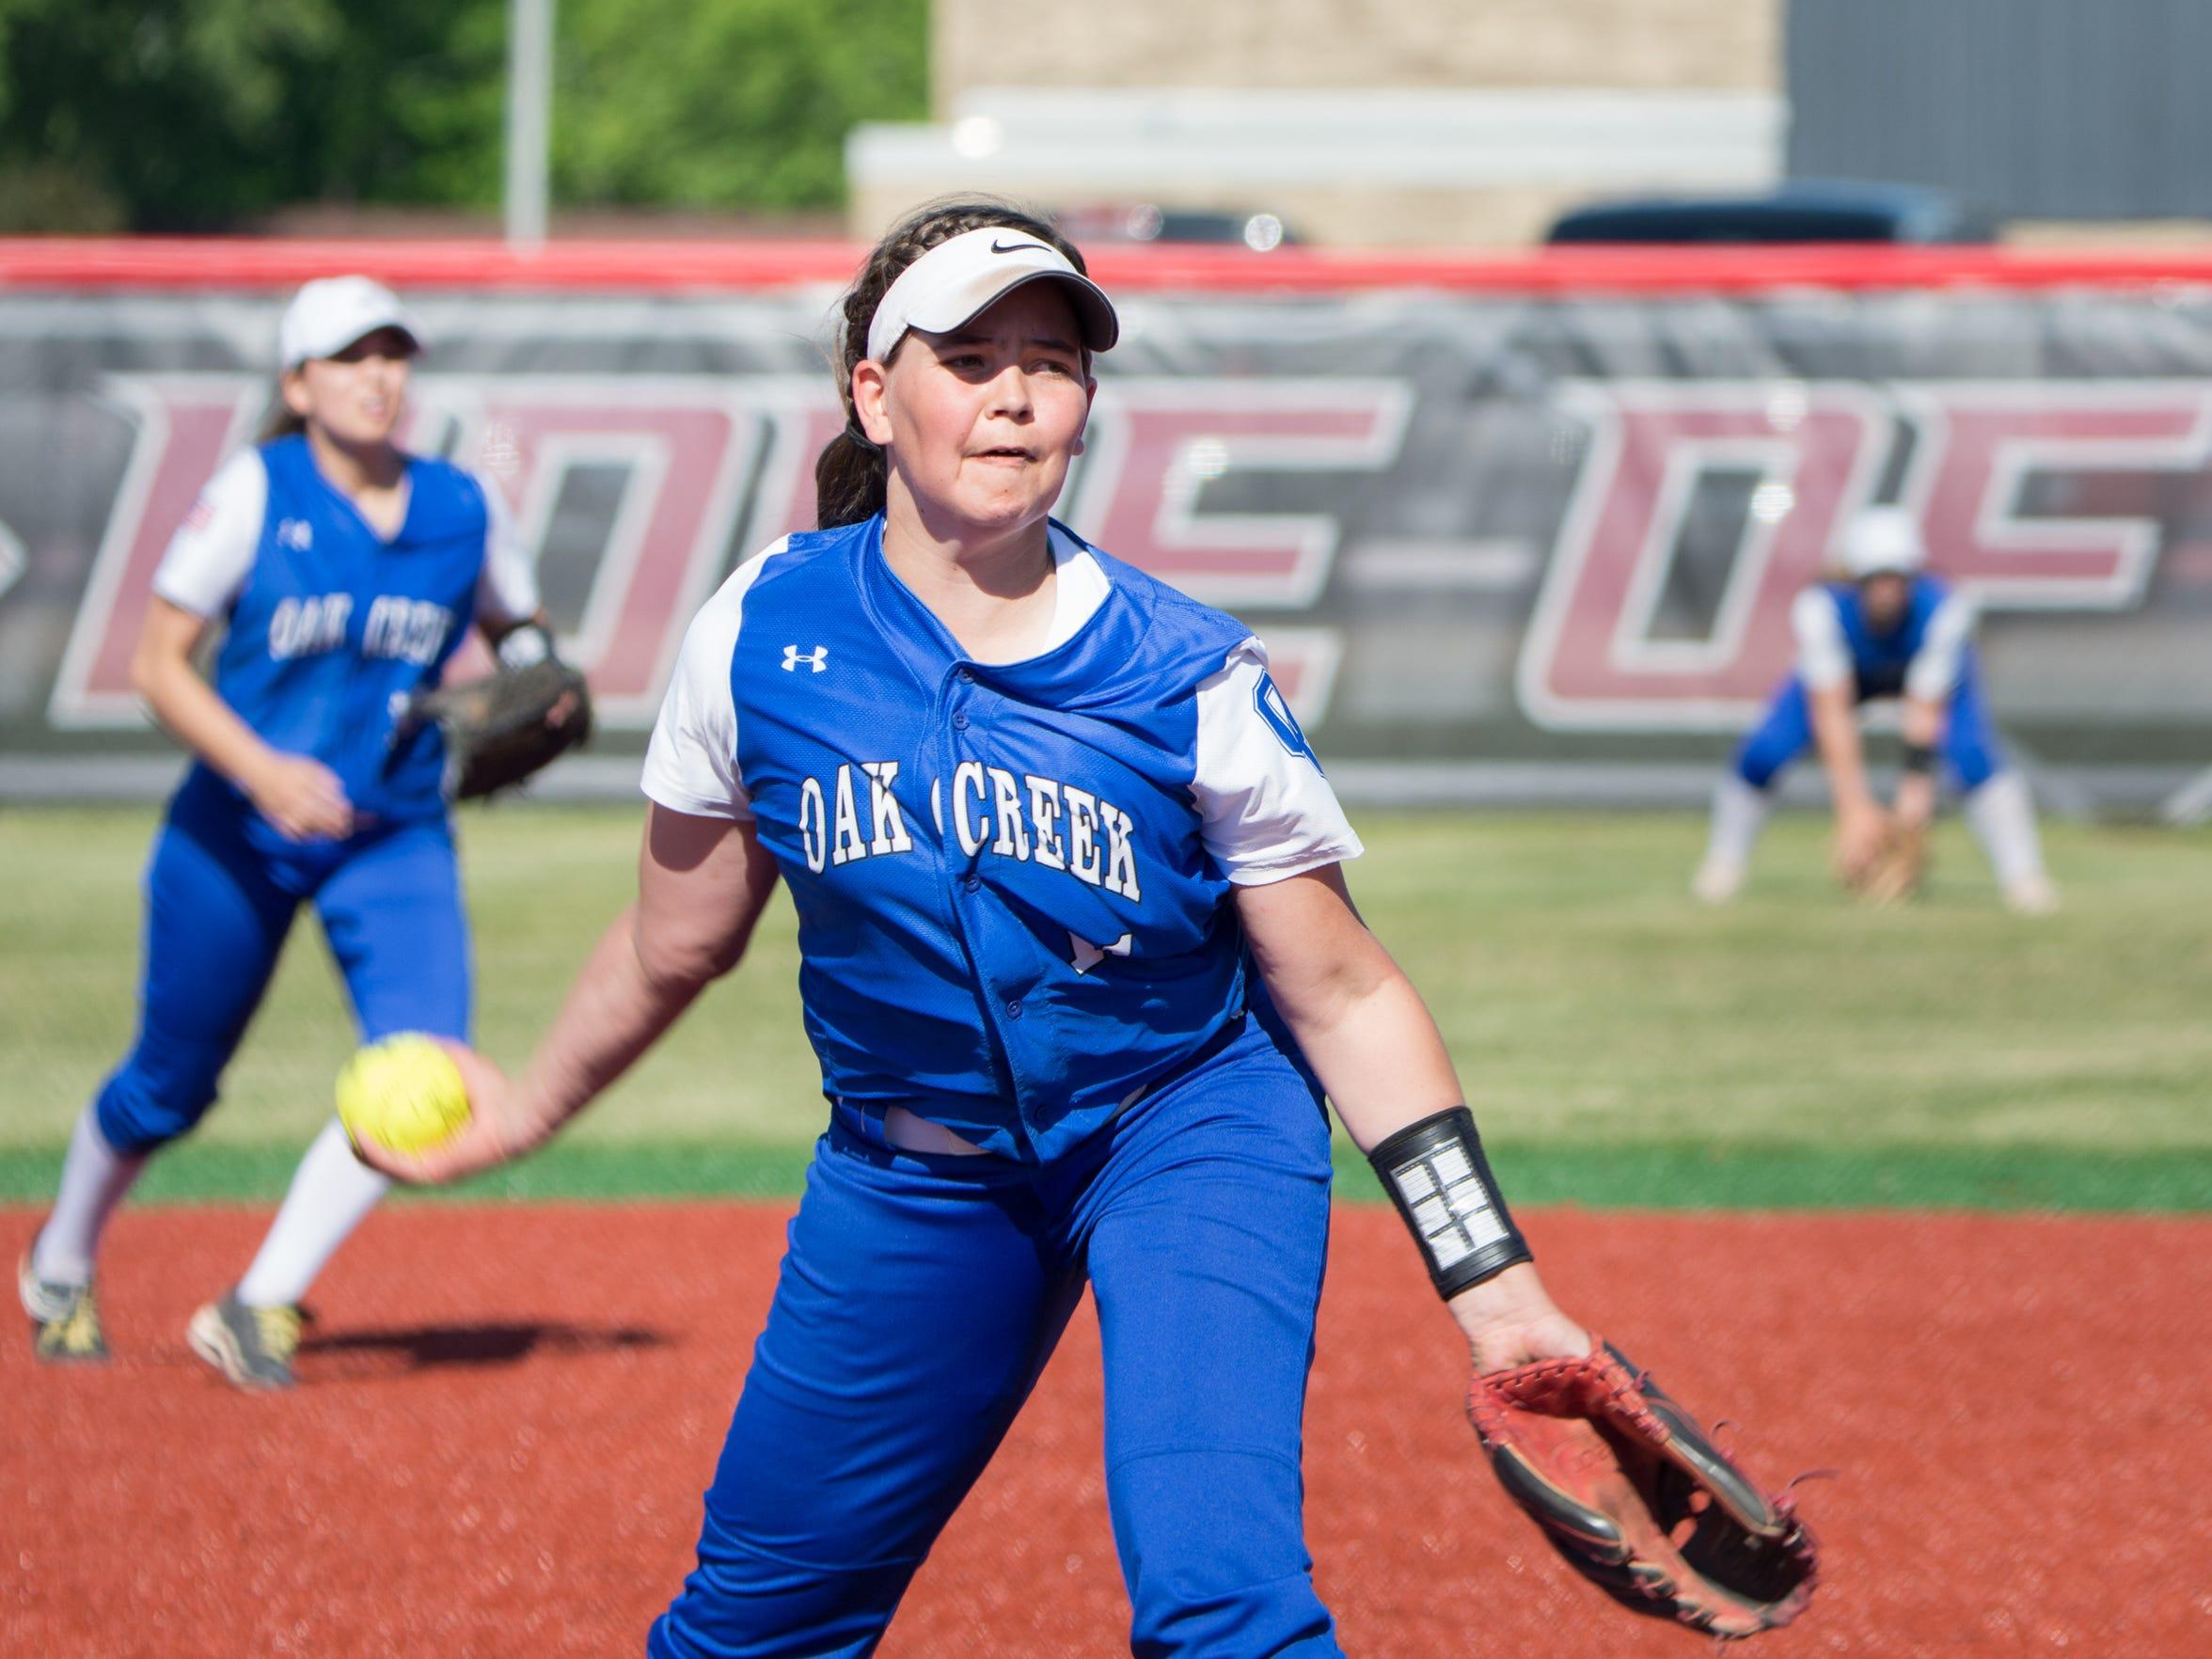 Becca Oleniczak pitches for Oak Creek against Kenosha